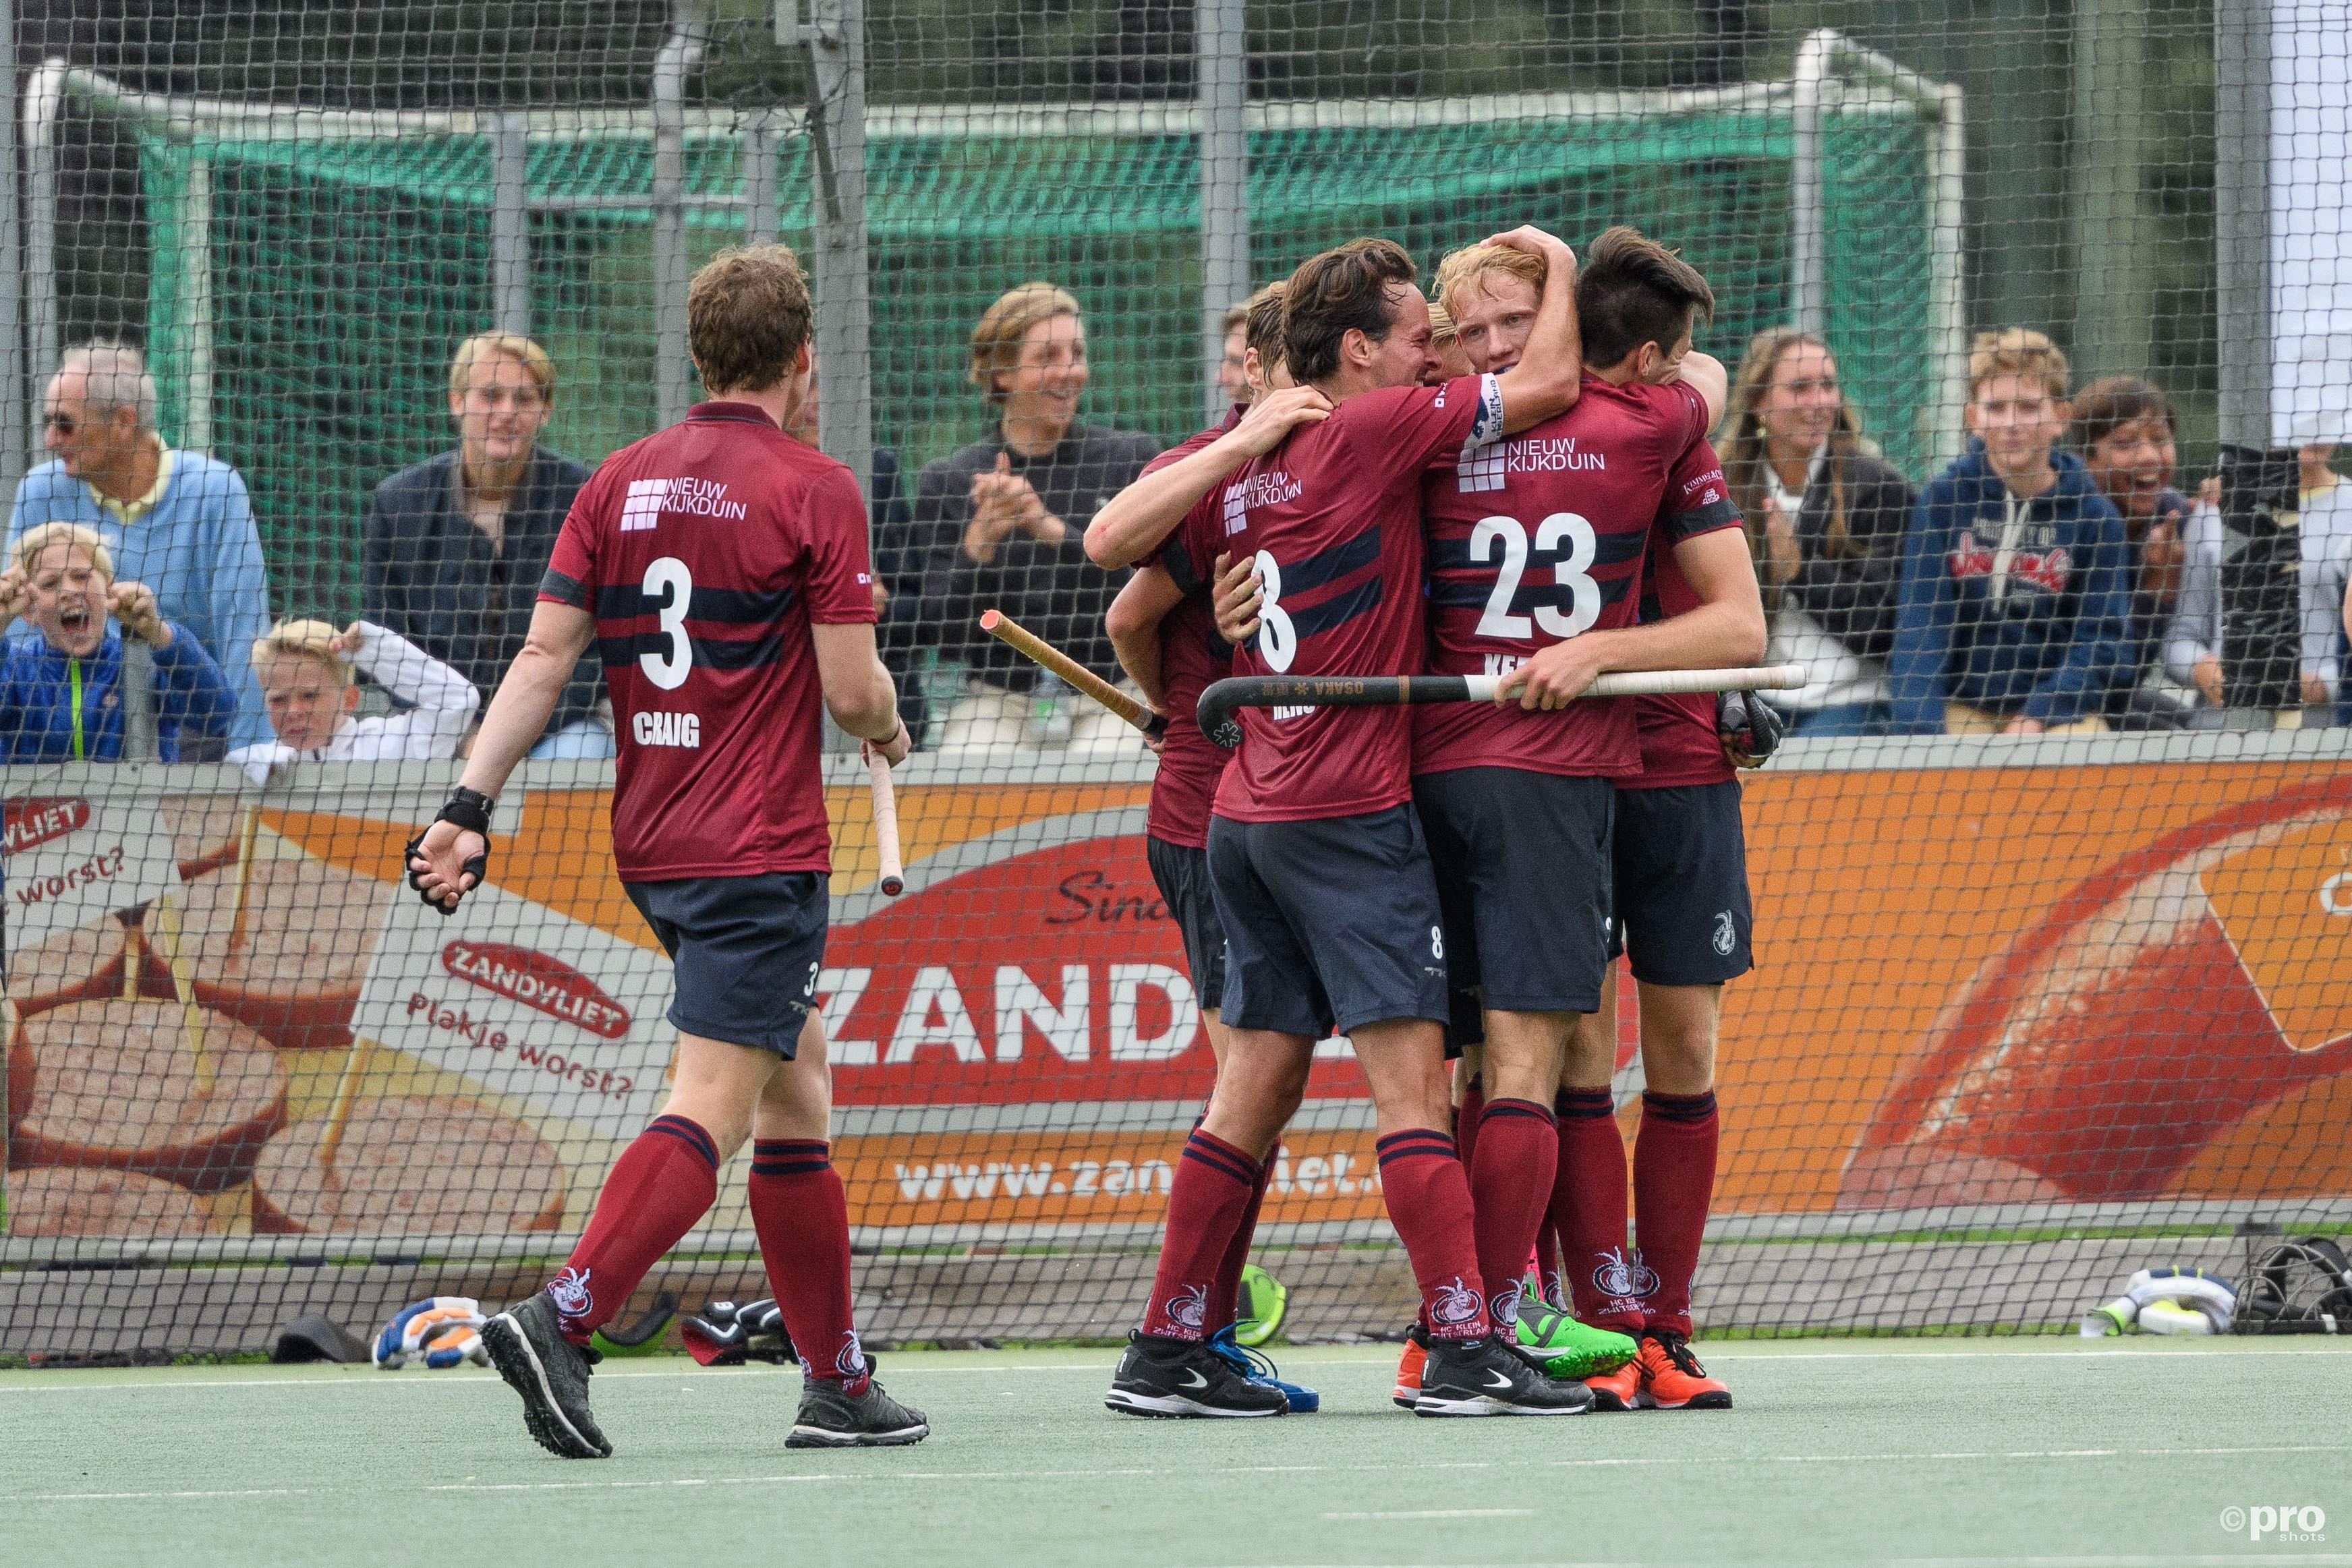 Klein Zwitserland na negen jaar terug in de Hoofdklasse. (PRO SHOTS/Jasper Ruhe)